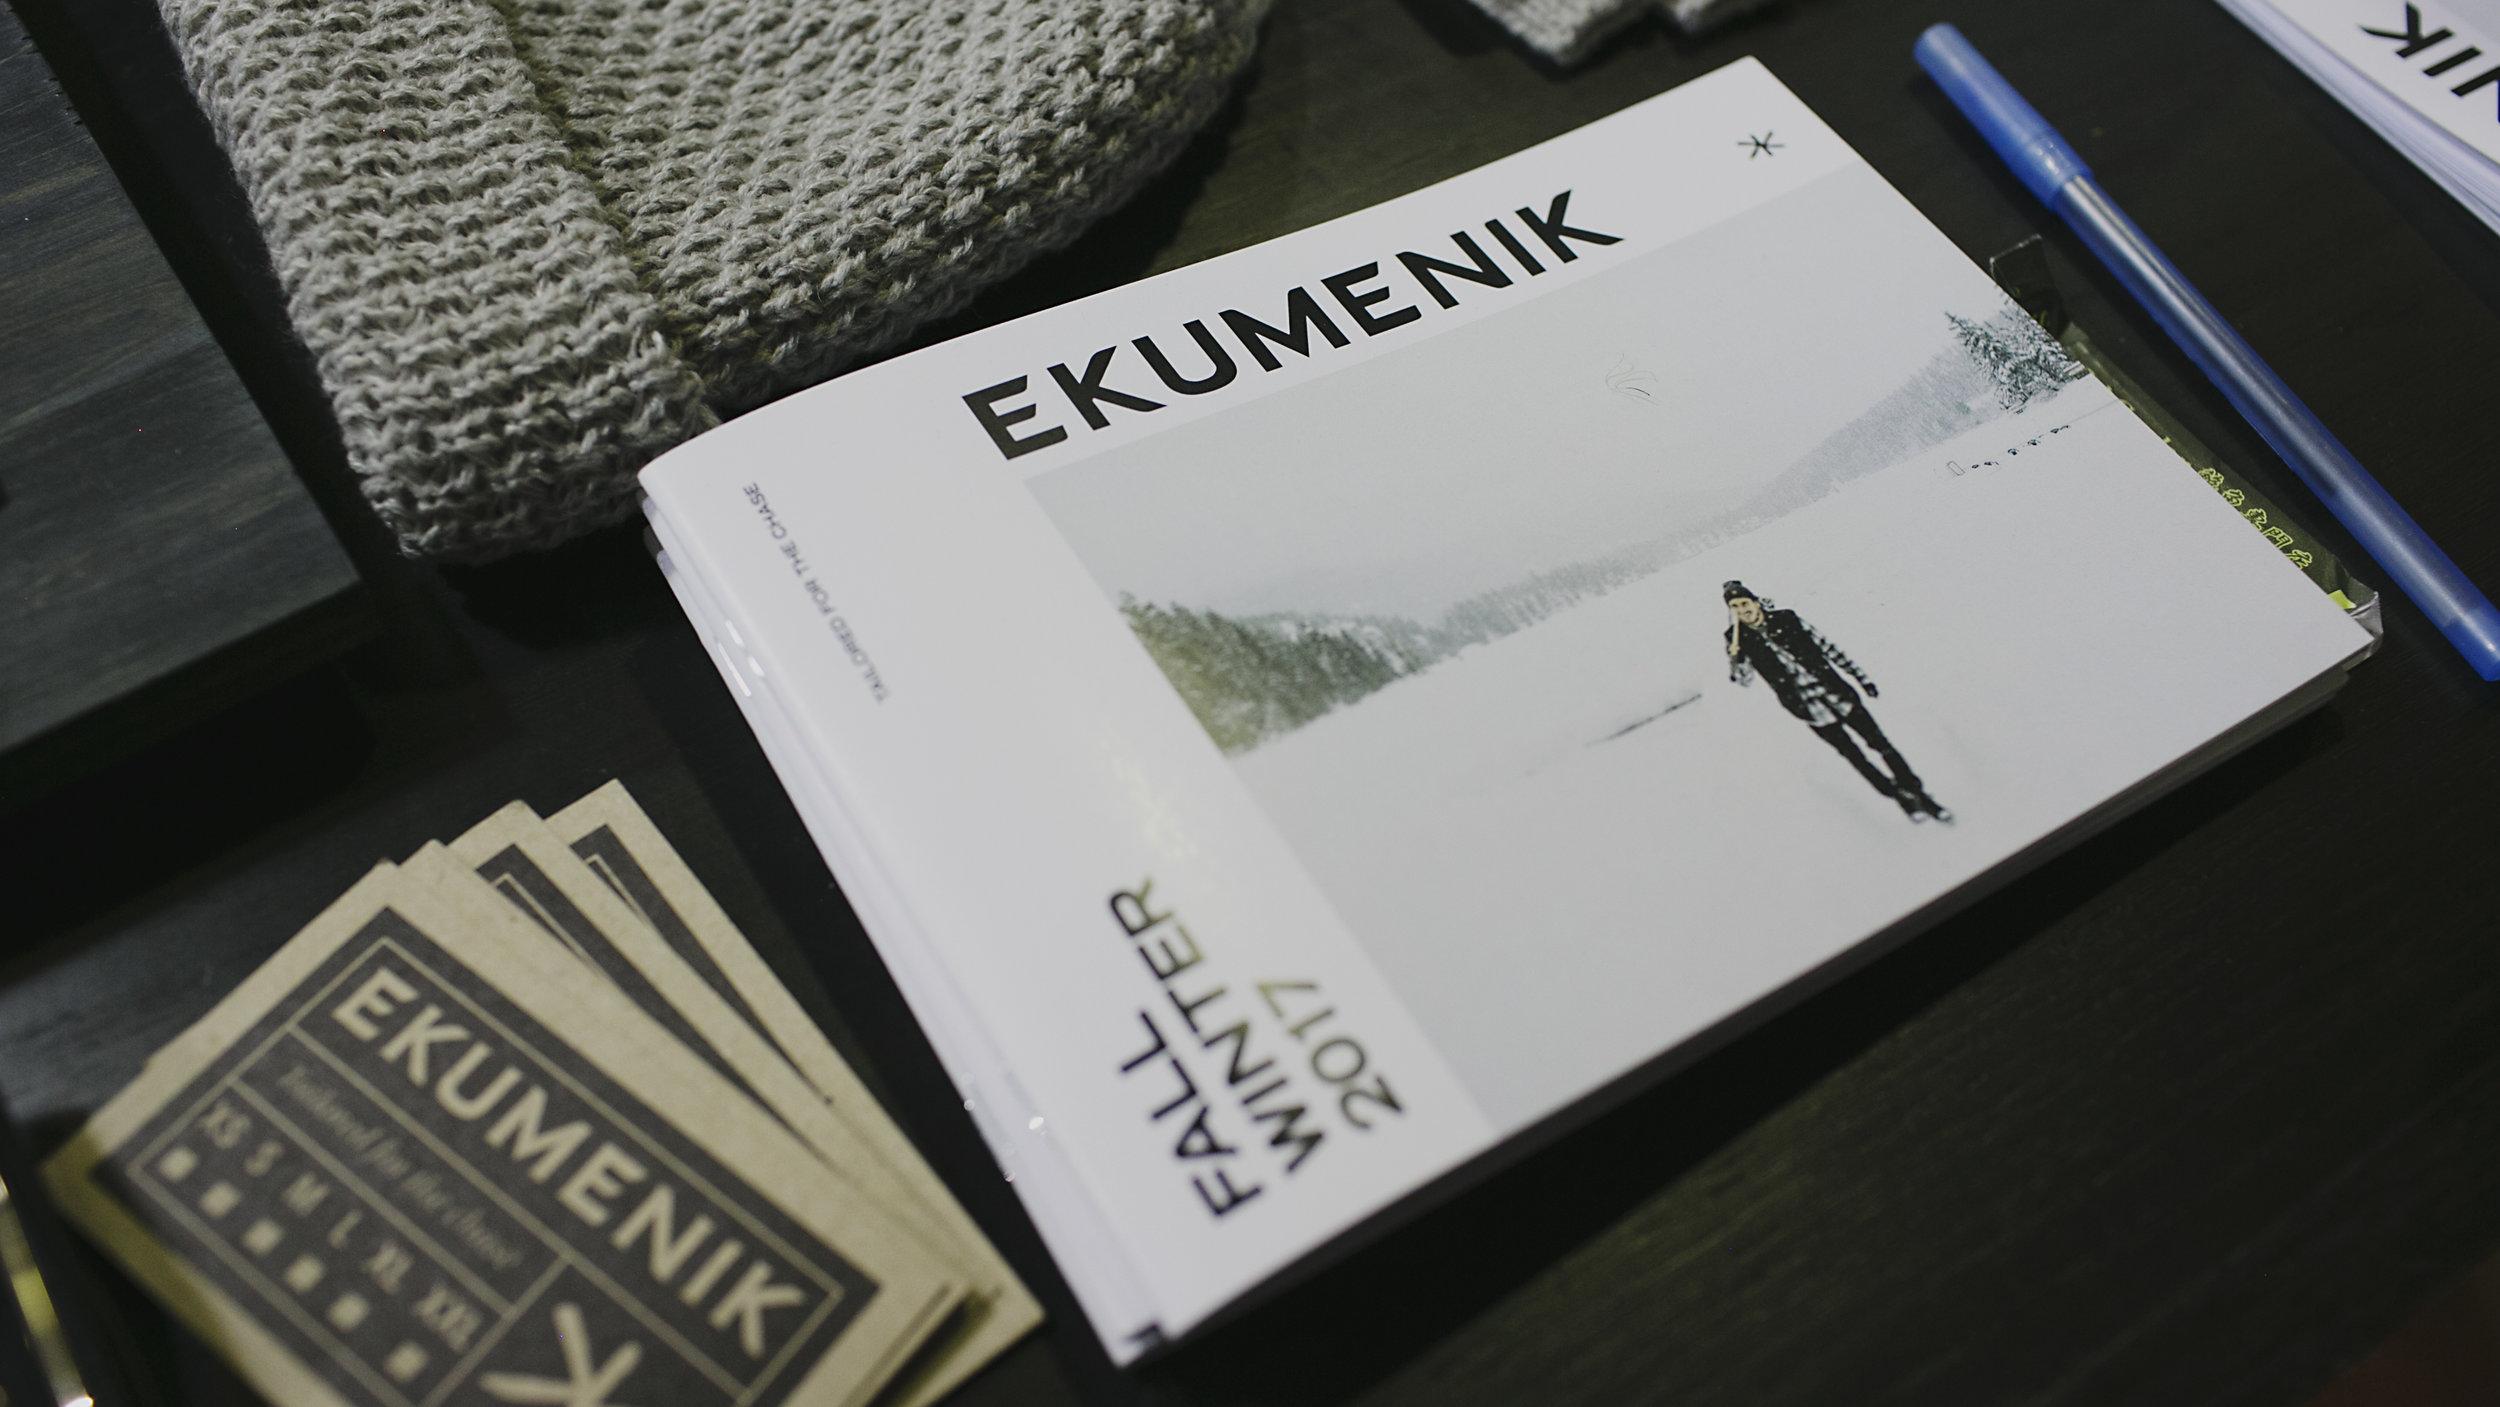 Ekumenik_2.jpg